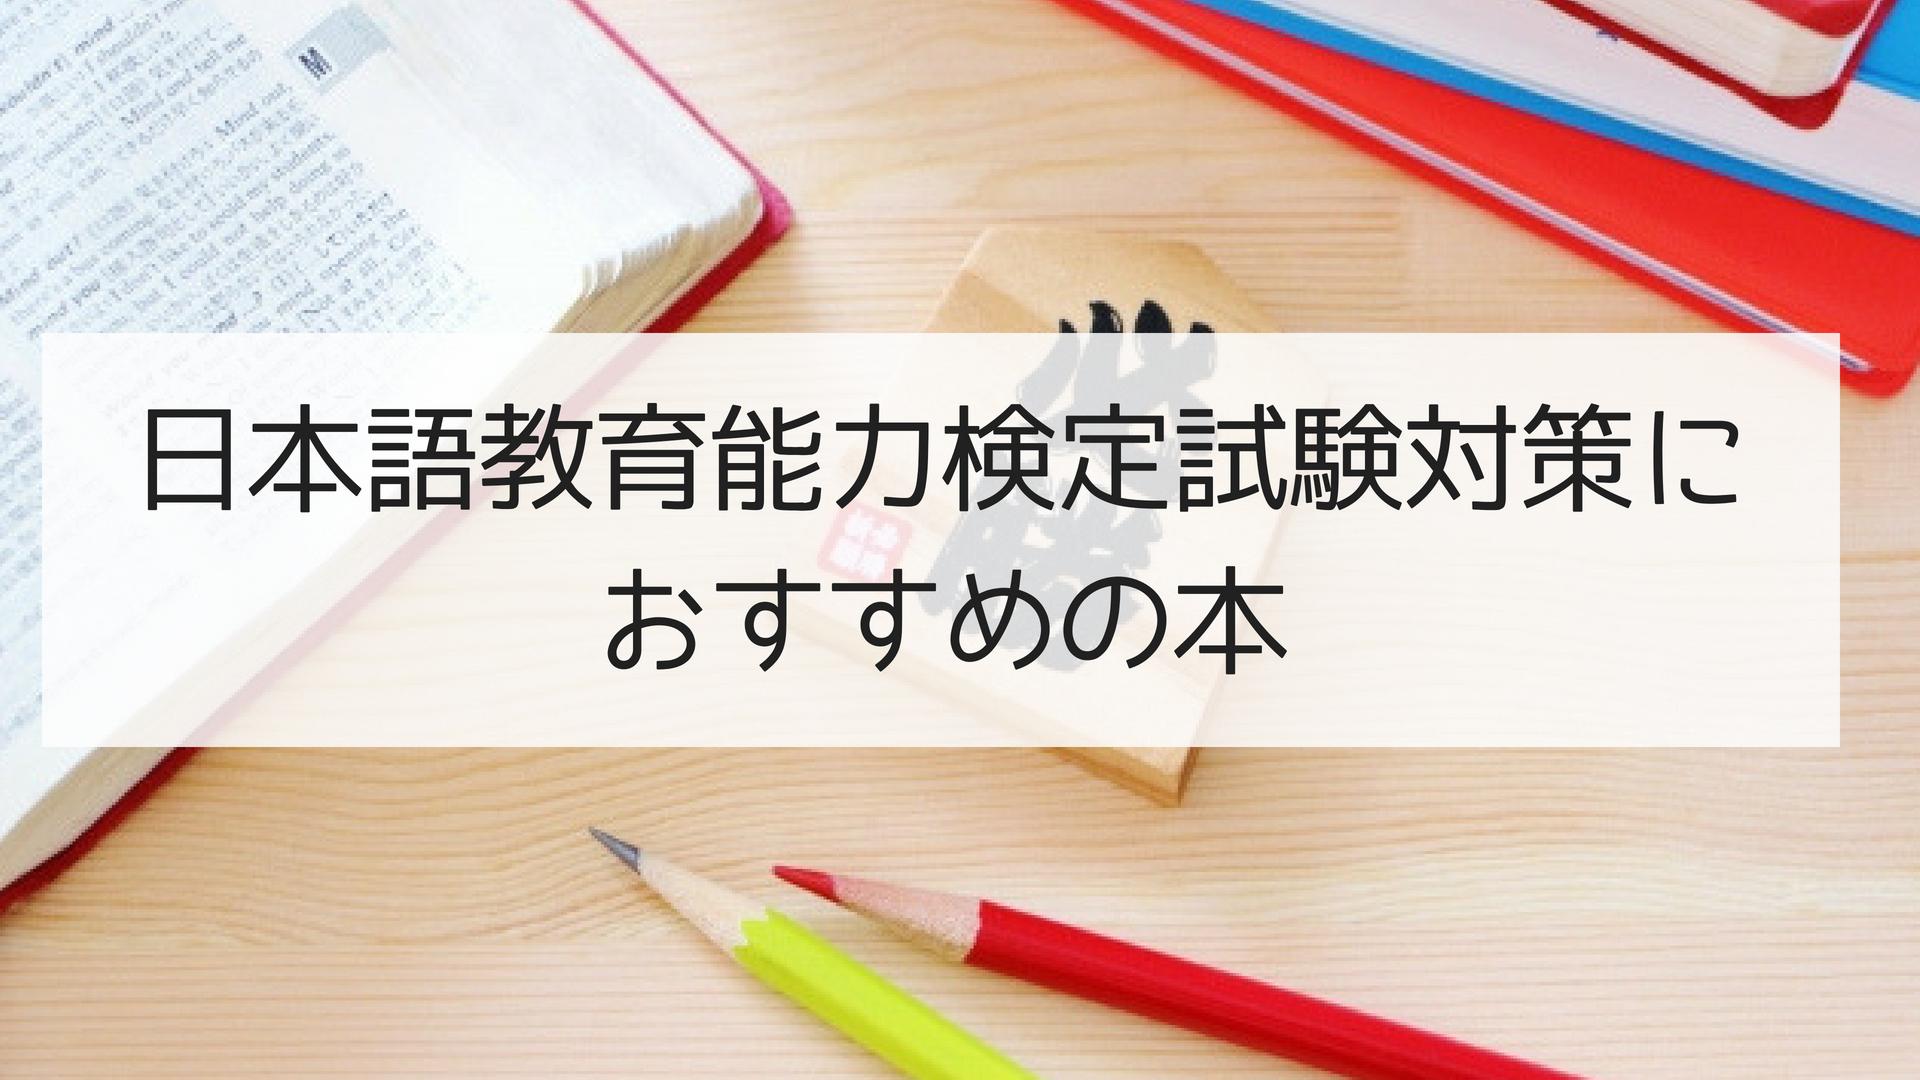 日本語教師を目指す人必見!日本語教育能力検定試験対策におすすめの本